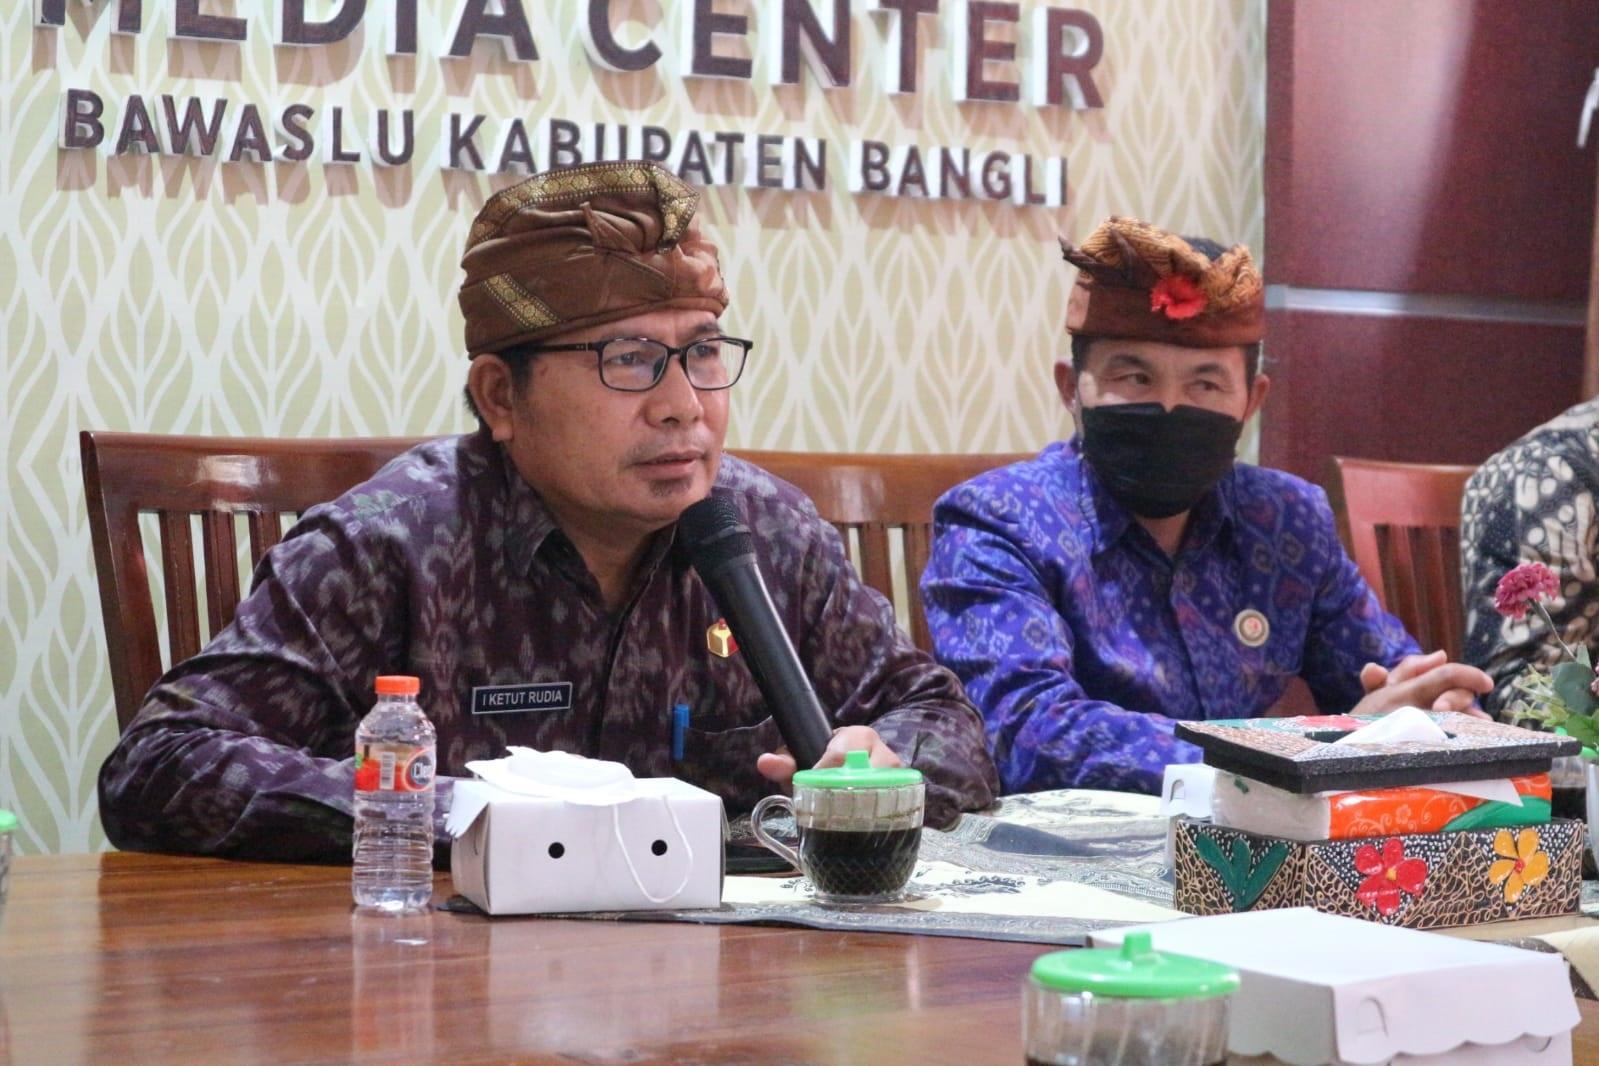 ANGGOTA Bawaslu Bali, I Ketut Rudia, saat Rapat Kehumasan, Peliputan dan Dokumentasi di Bawaslu Bangli, Kamis (14/10/2021). Ia berharap humas Bawaslu bisa membangun kerjasama yang baik dengan media. Foto: ist